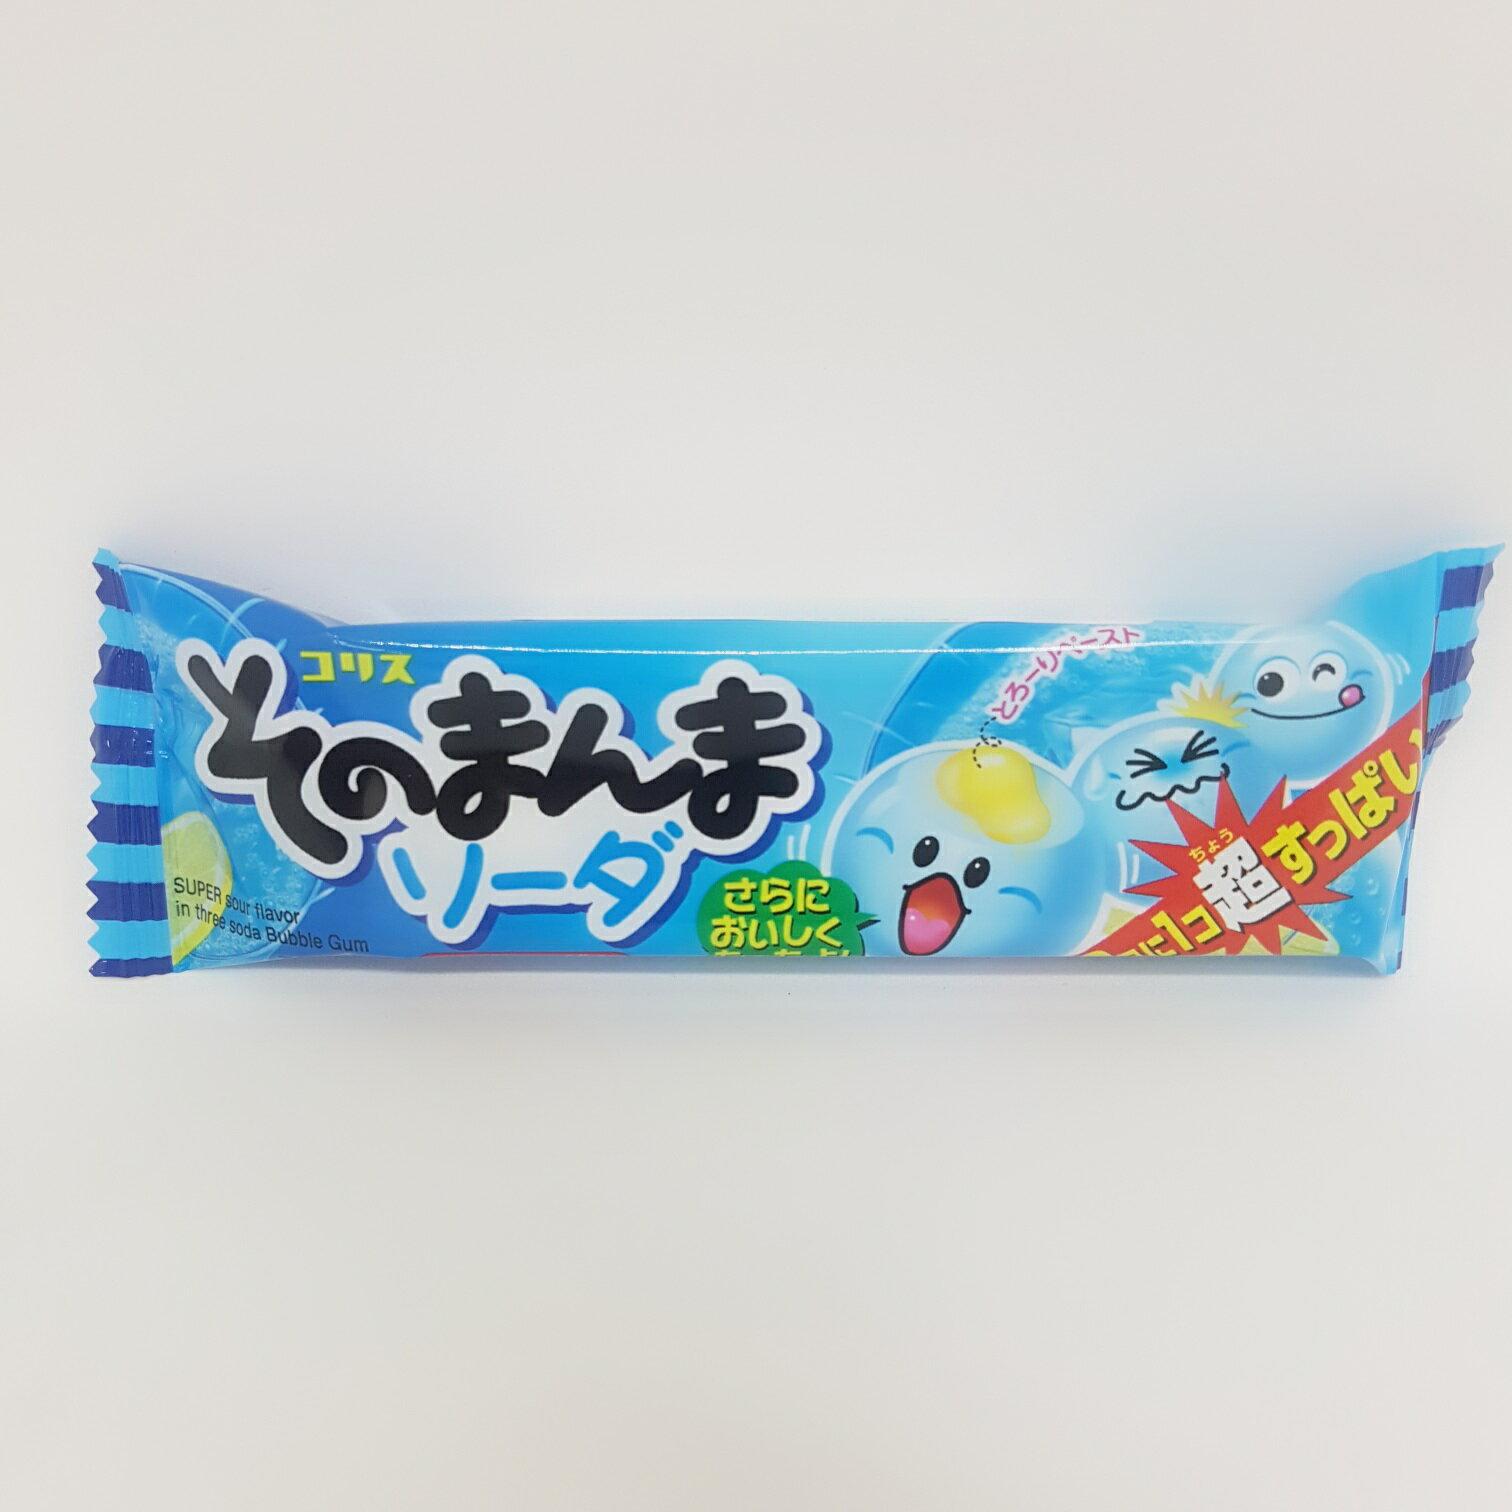 Coris驚爆口香糖-可樂味-14.4g條